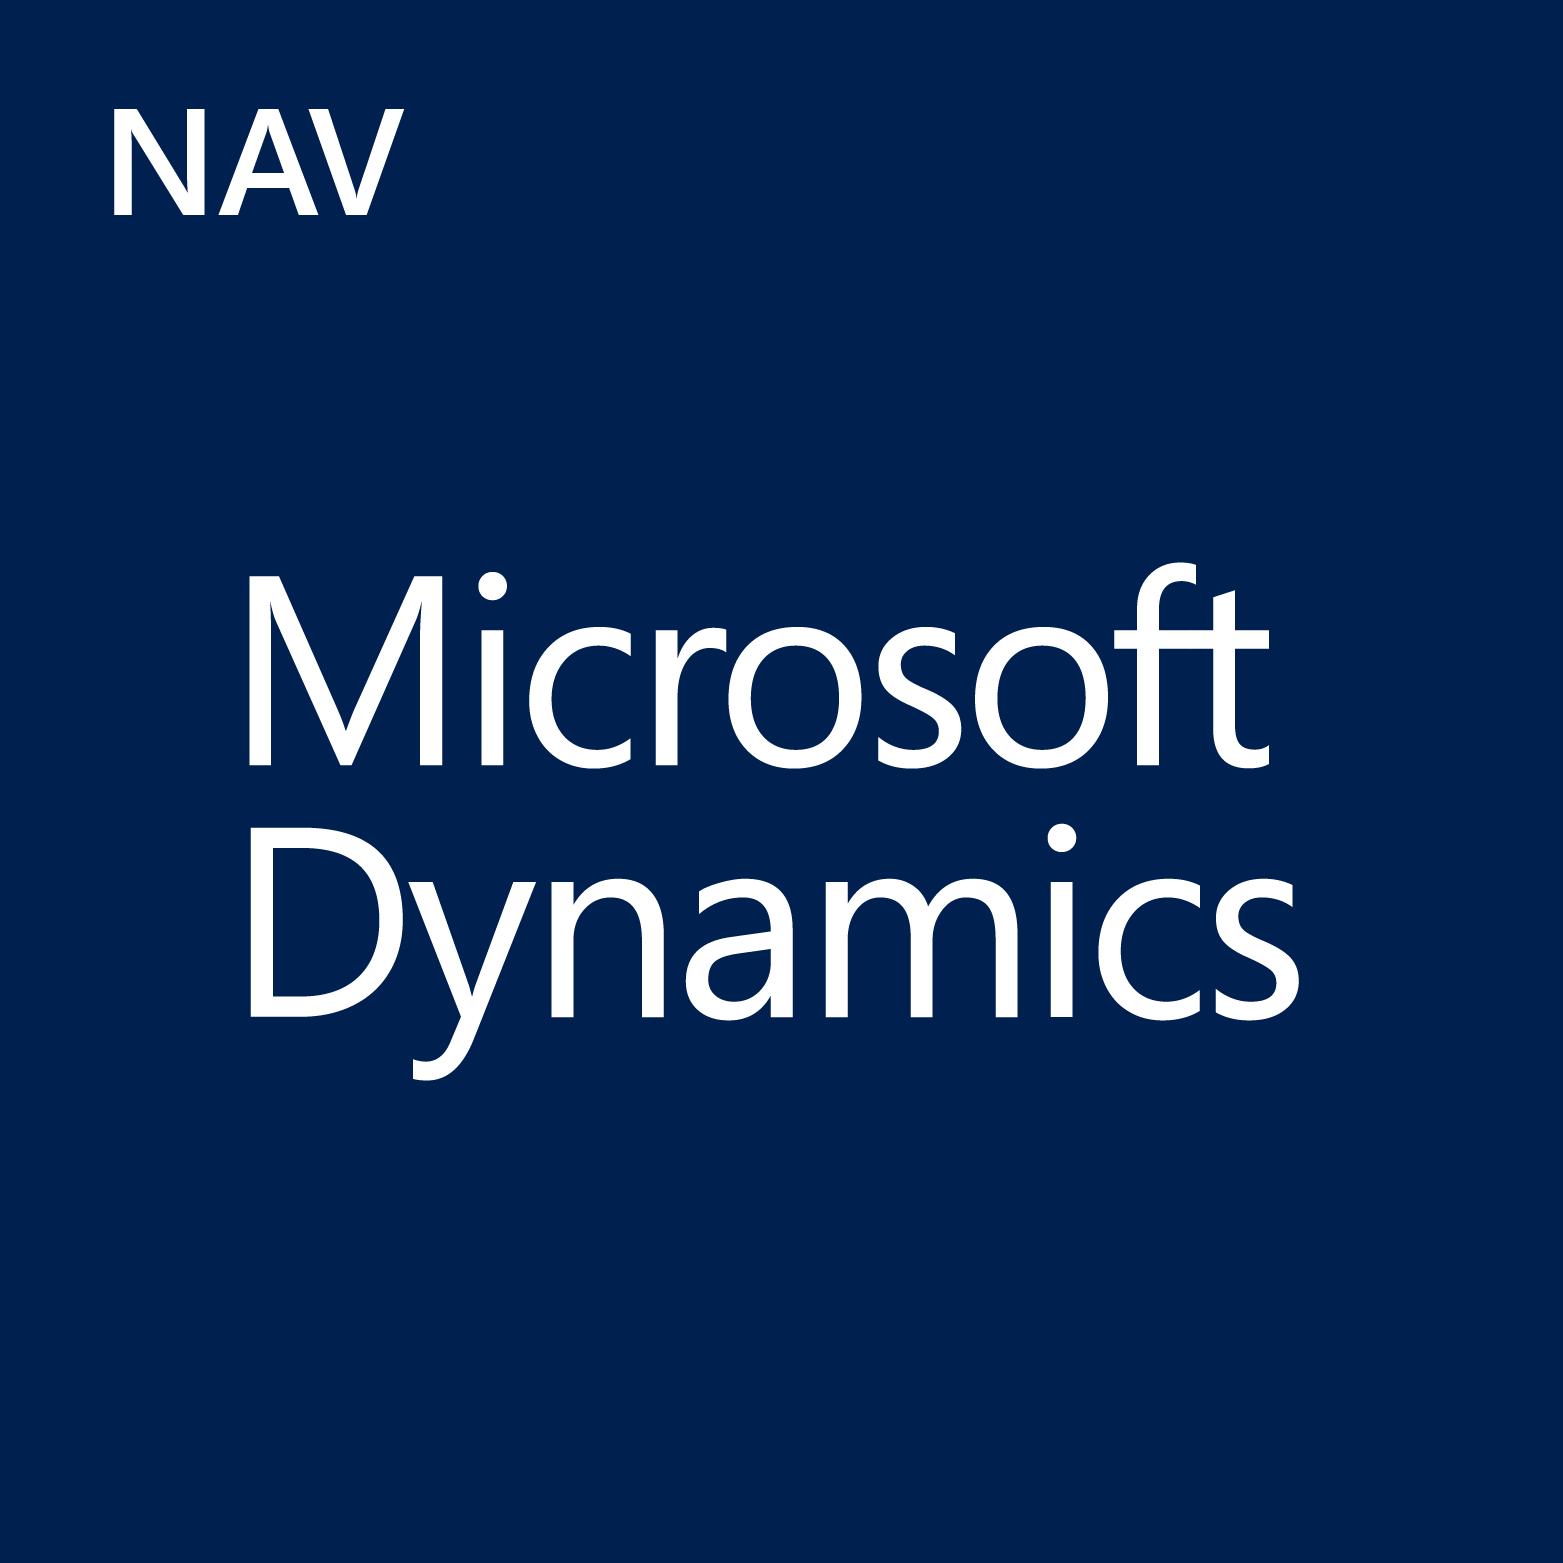 Microsoft Dynamics NAV webinars